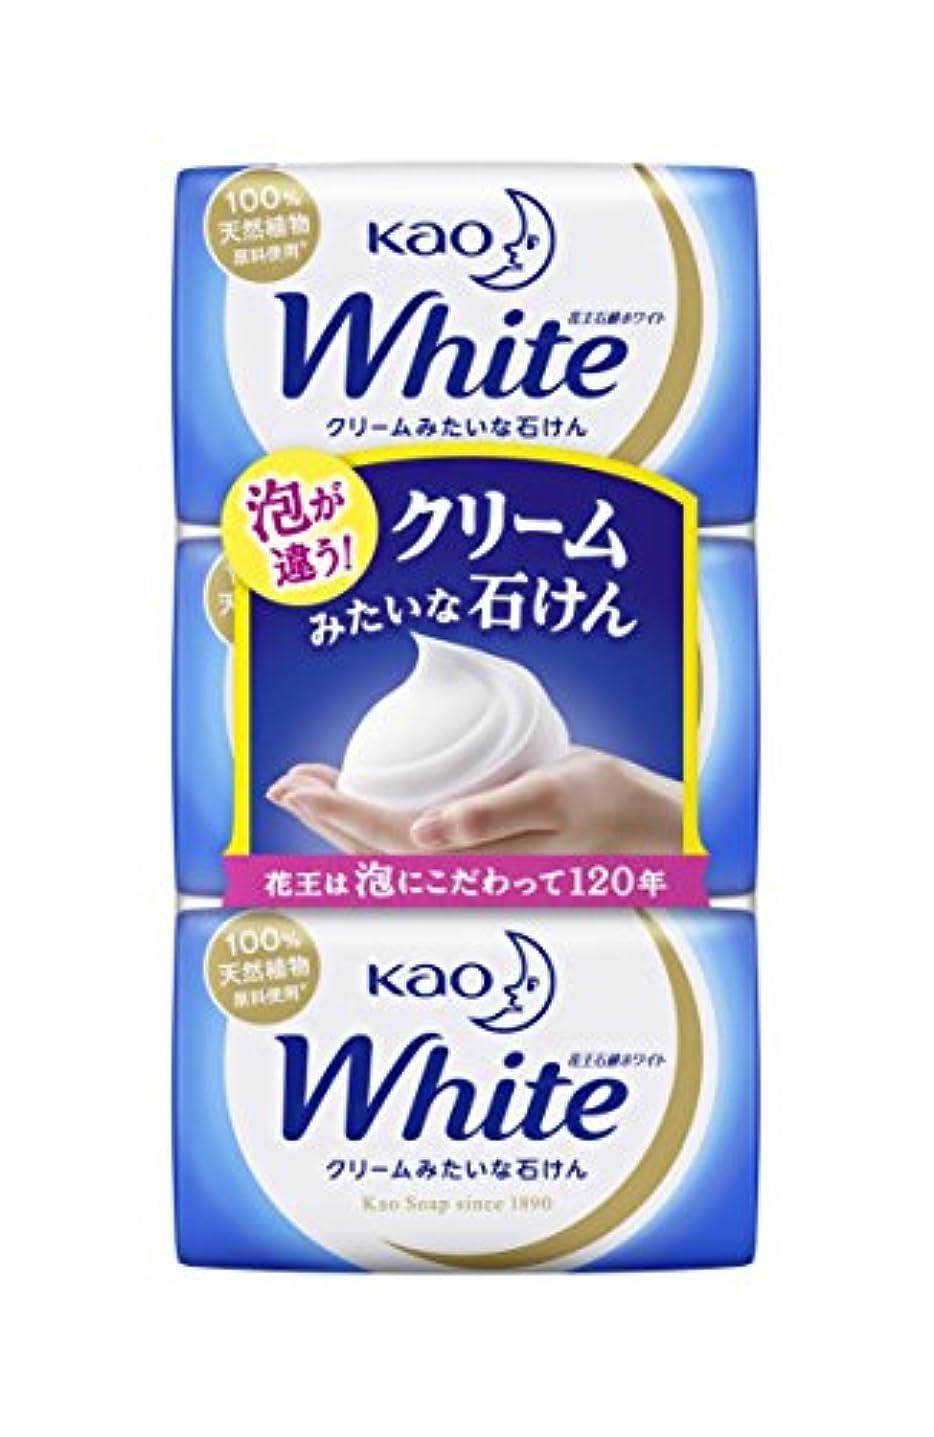 パテ区別マットレス花王ホワイト 普通サイズ 3コパック